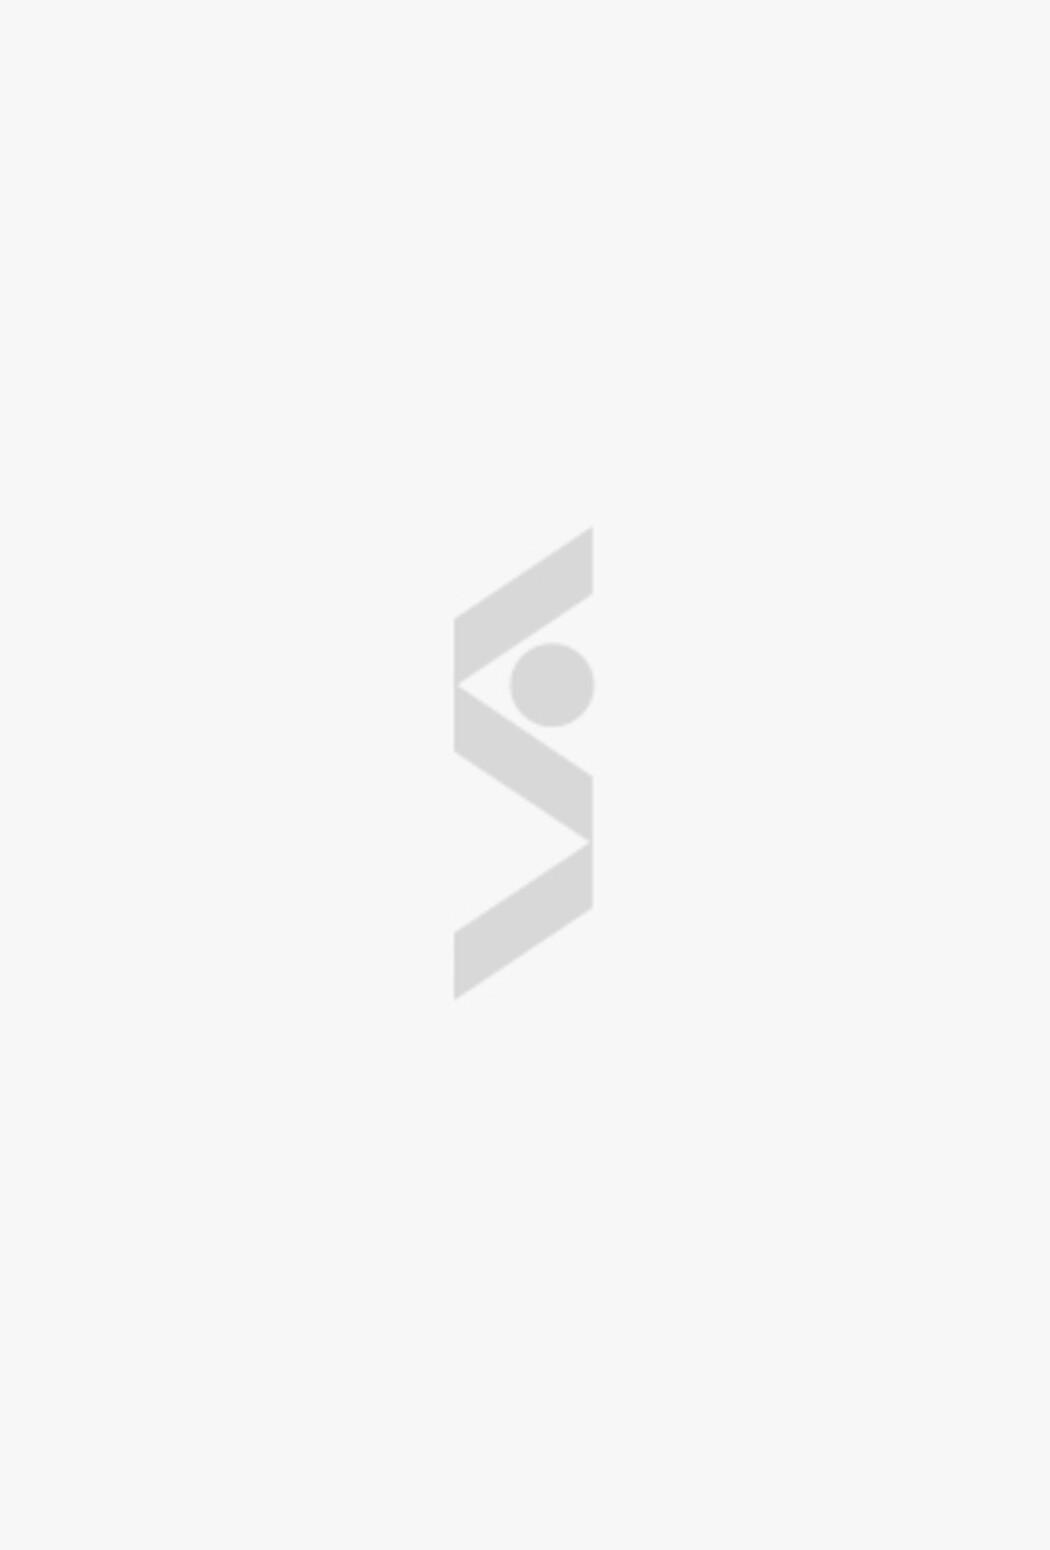 Толстовка на молнии s.Oliver - цена 4990 ₽ купить в интернет-магазине СТОКМАНН в Санкт-Петербурге